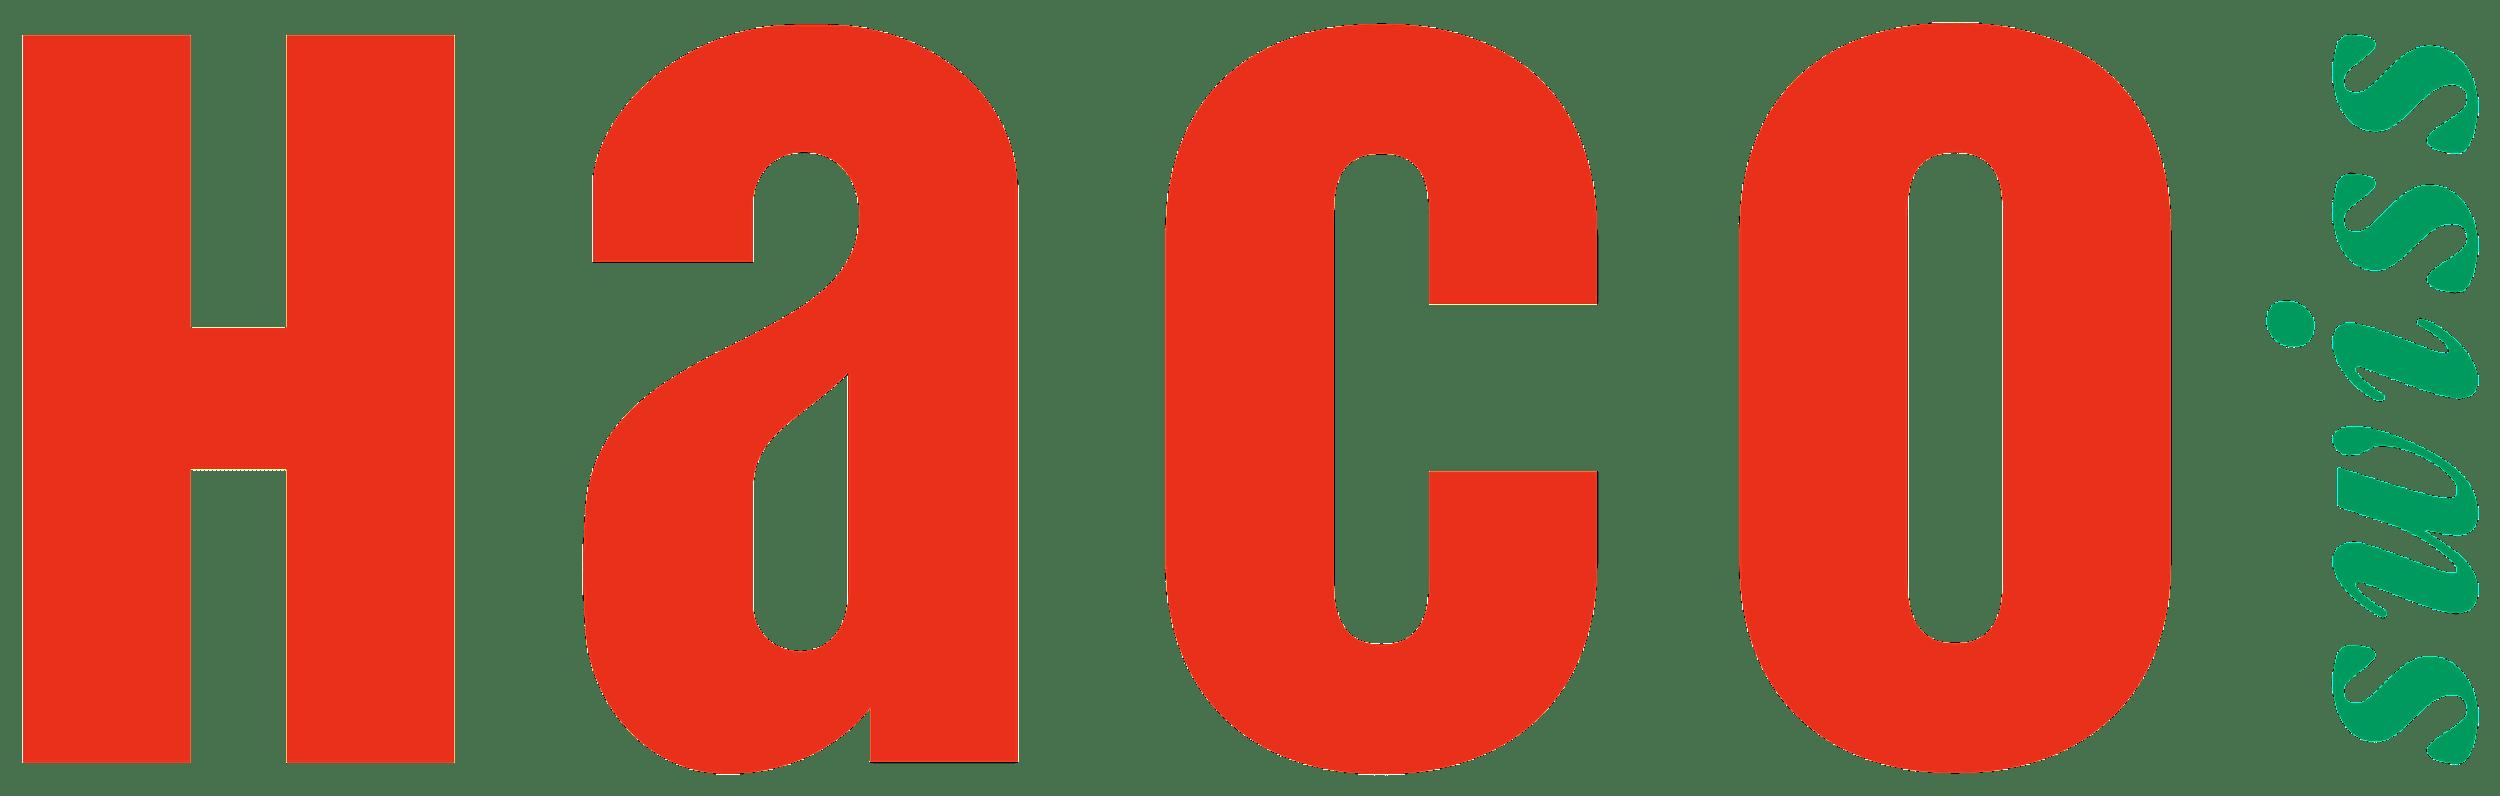 haco-logo